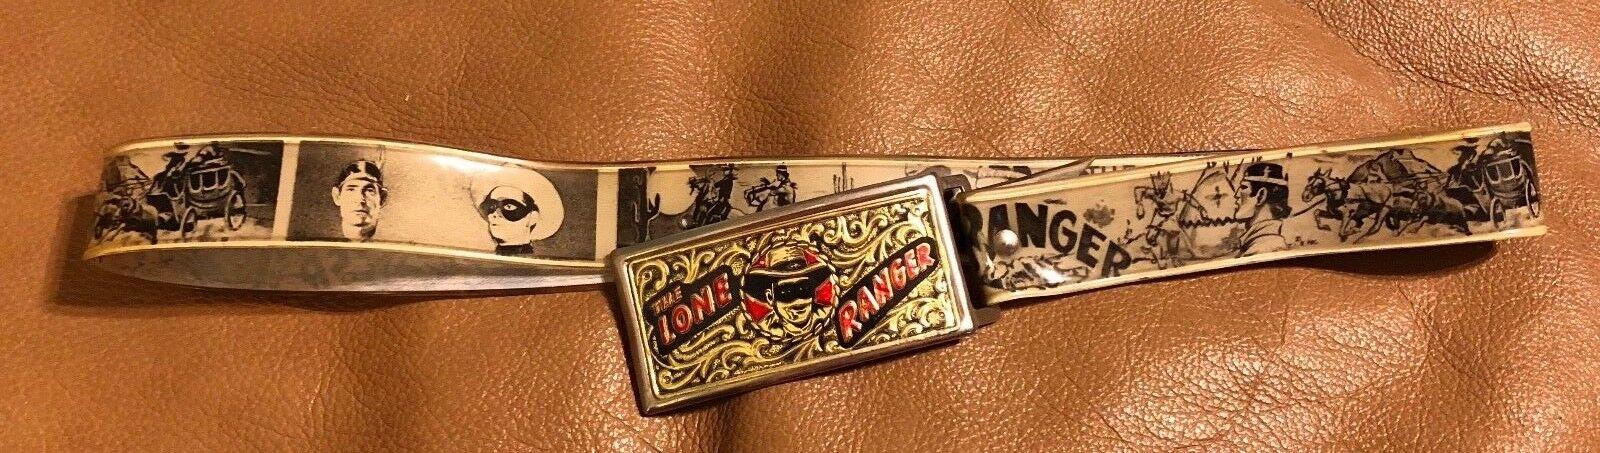 Lone Ranger Vintage Vintage Vintage 1940's belt 3be384